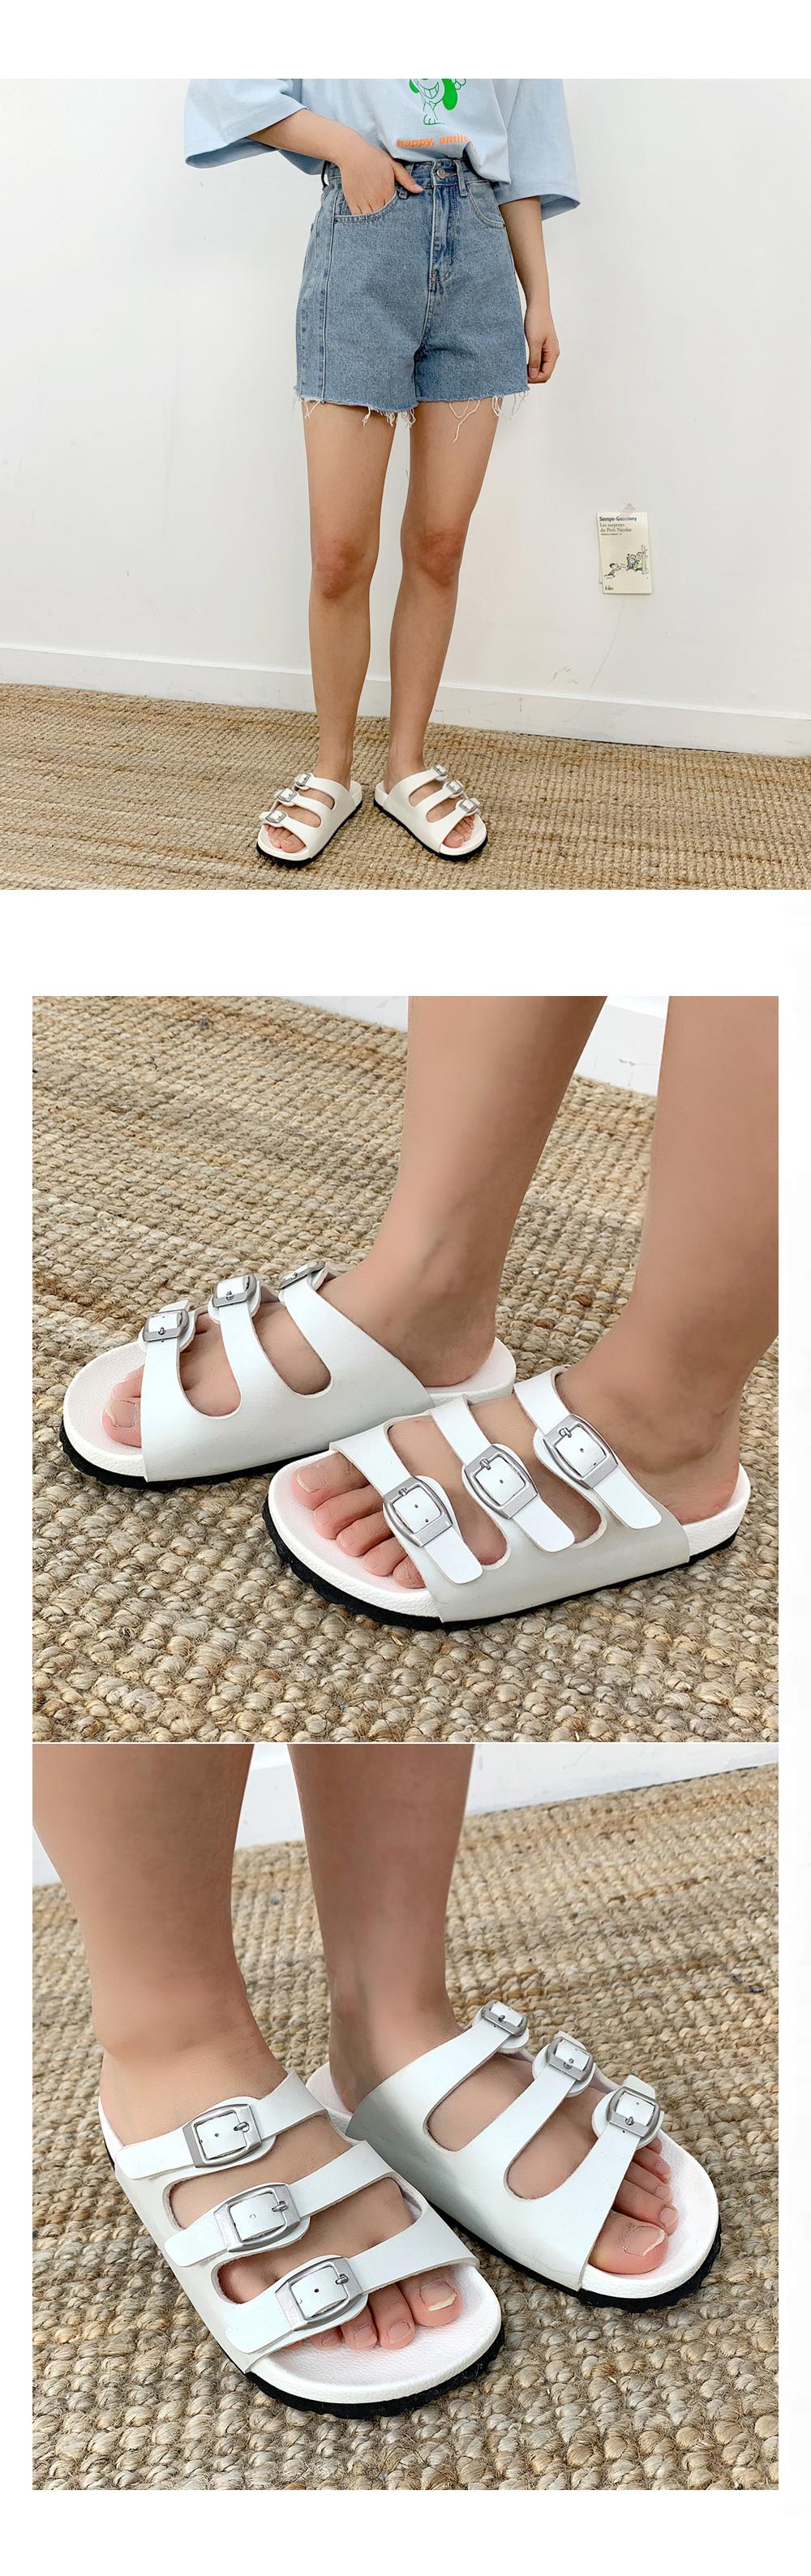 Floriburken Sandals